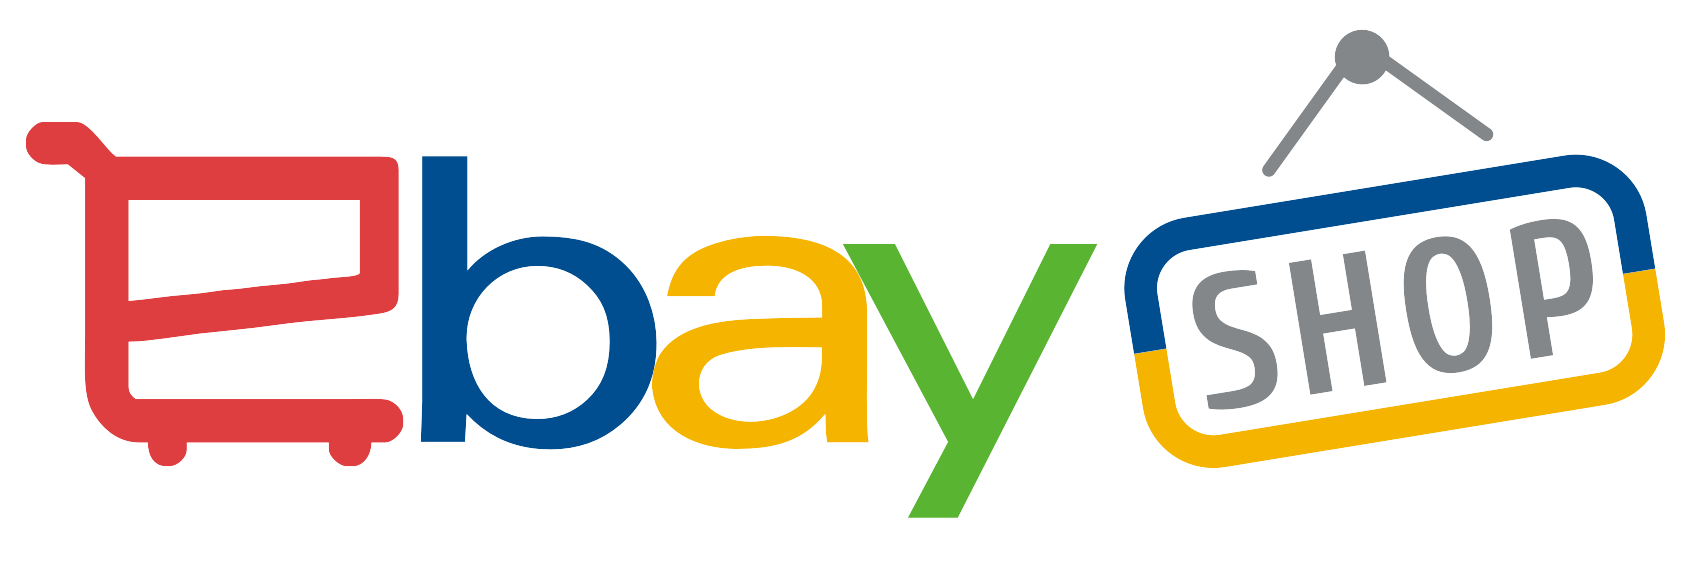 ebayshop_logo_Q